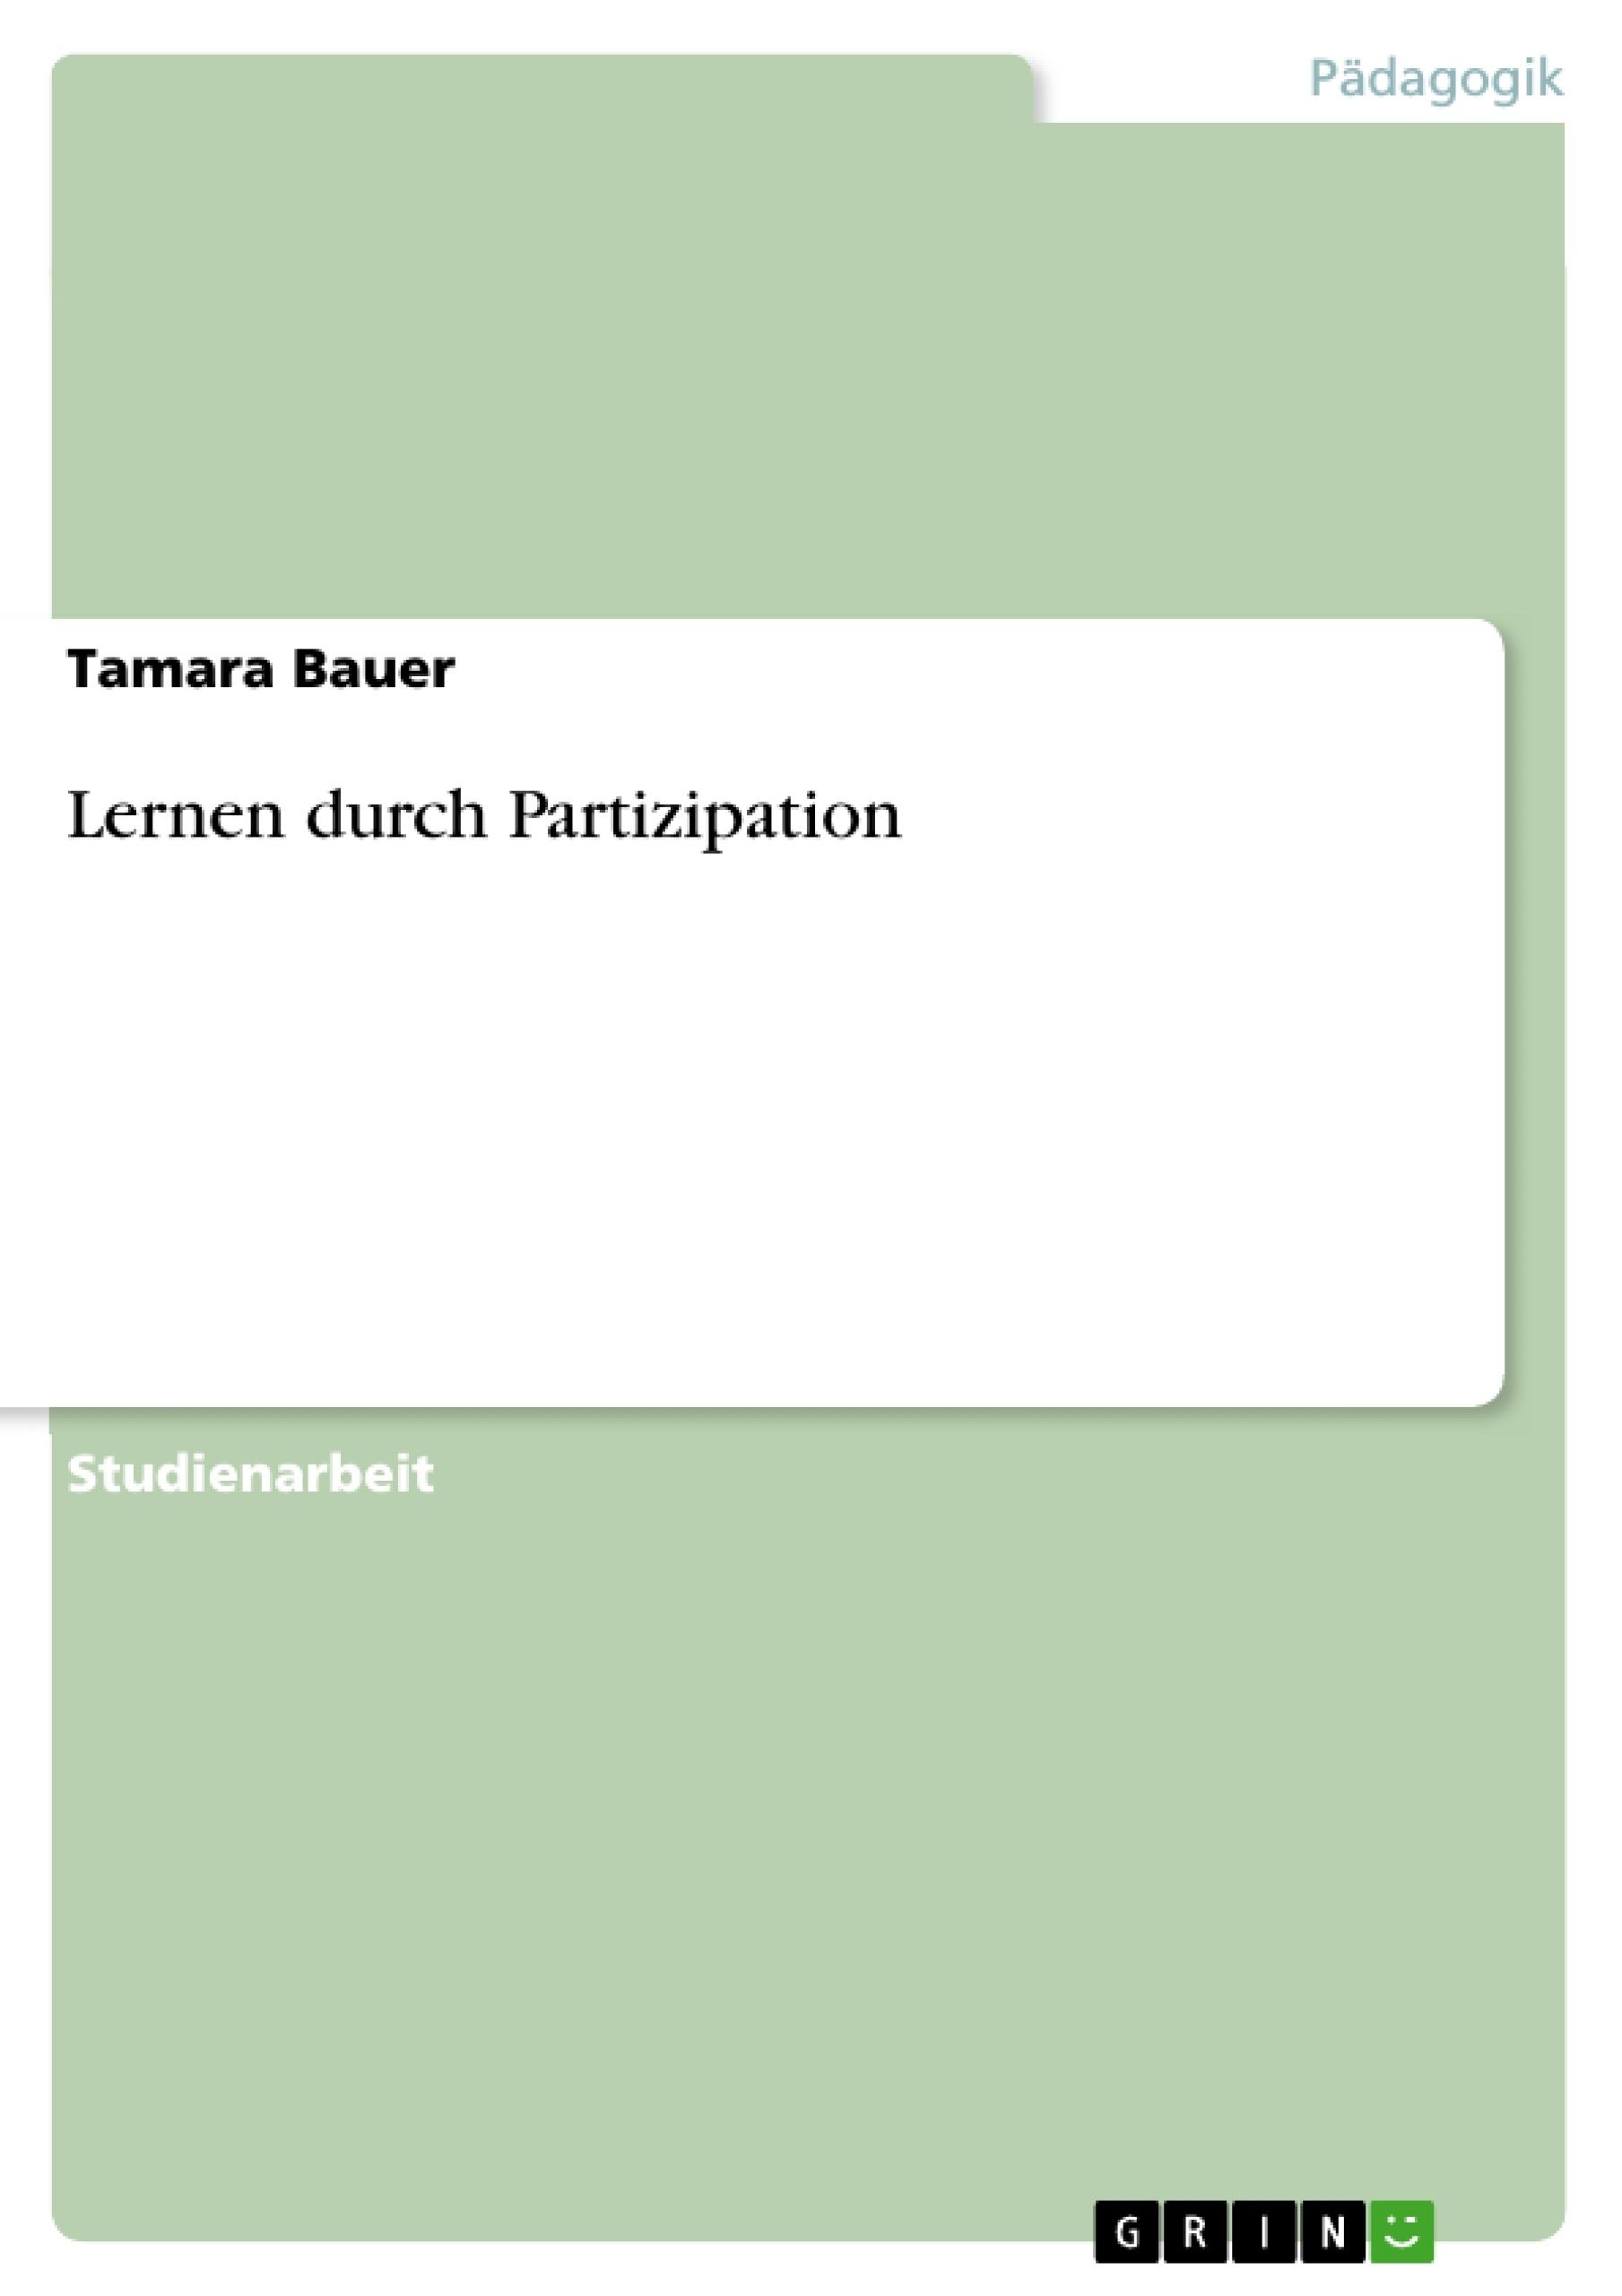 Titel: Lernen durch Partizipation